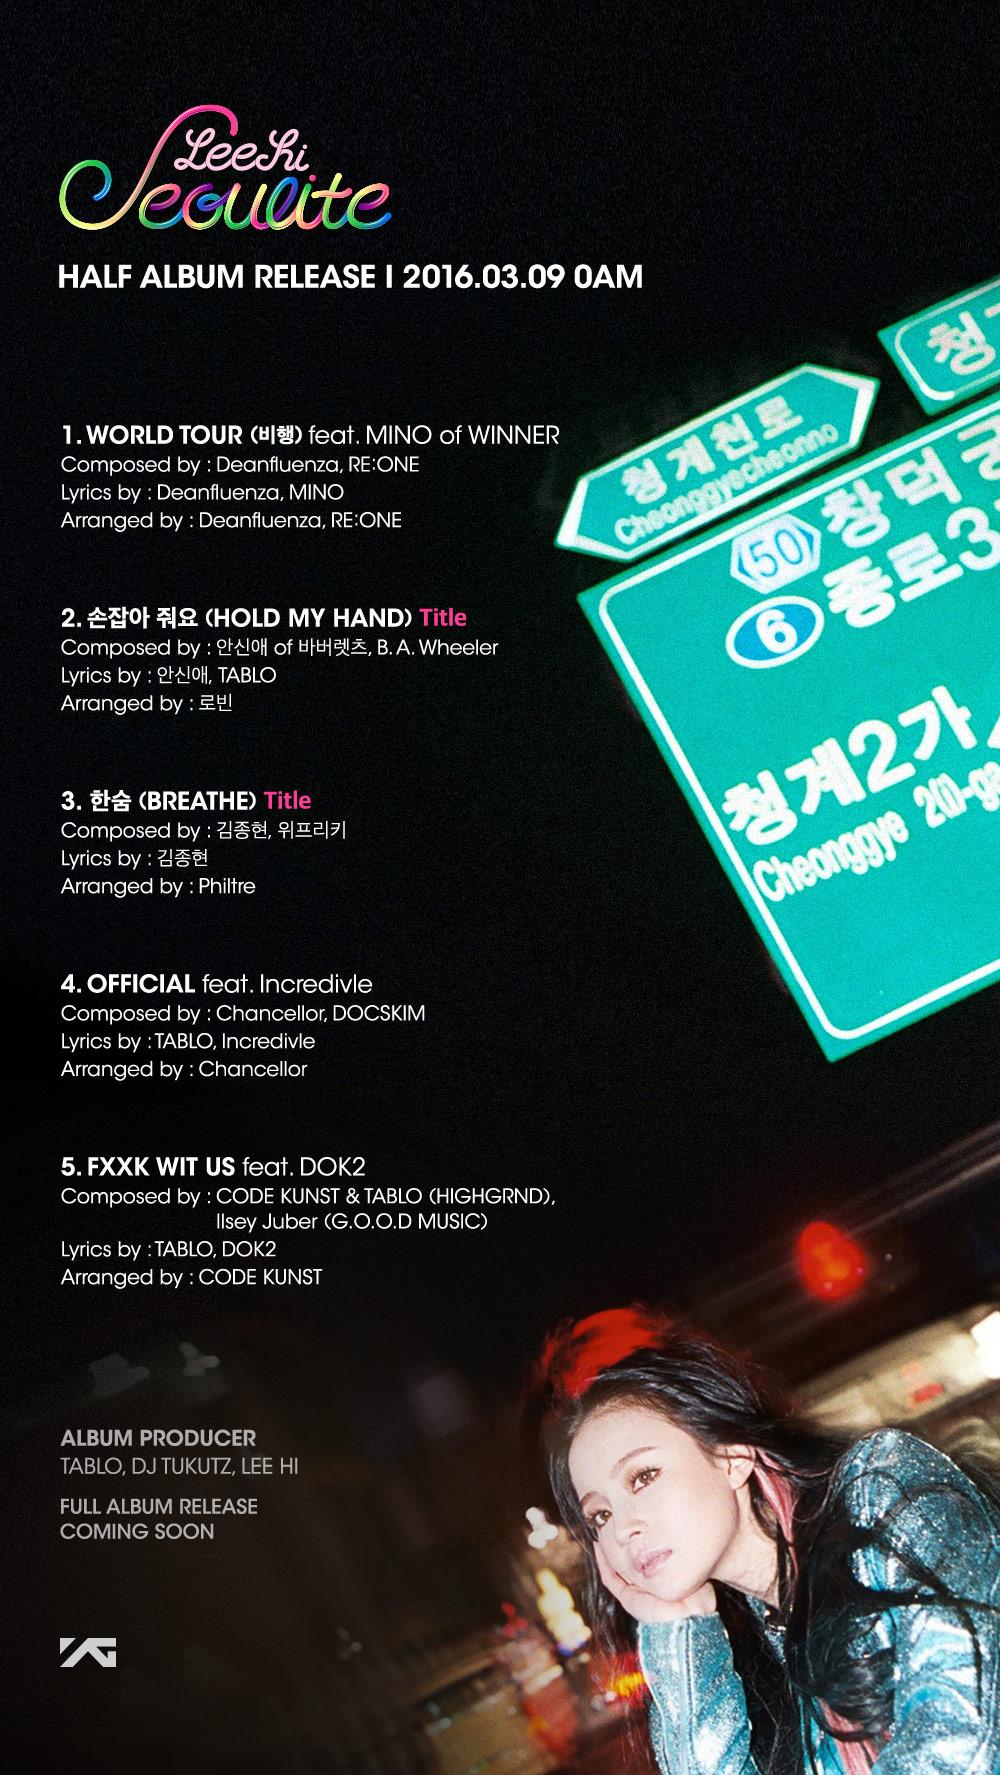 Lee Hi half album track list